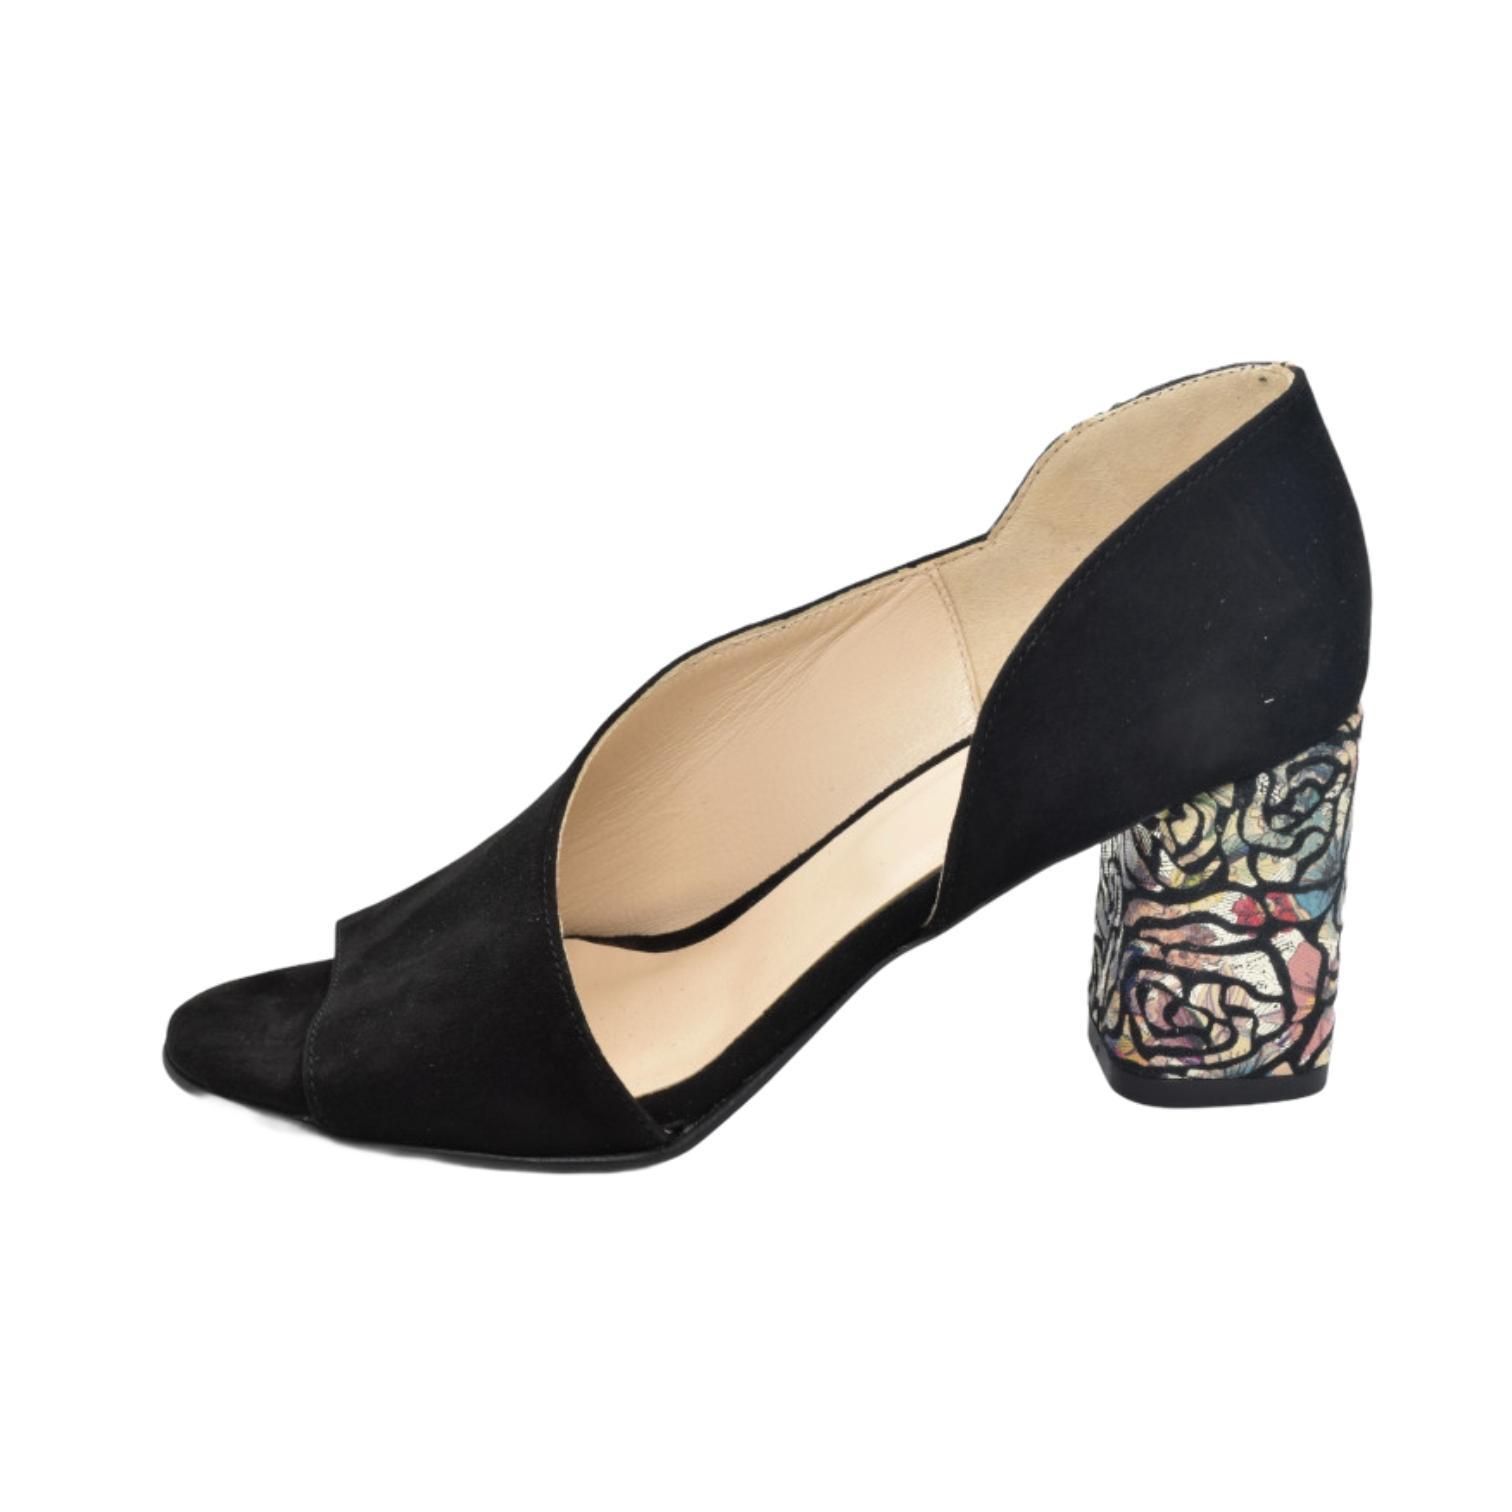 Sandale negre cu toc cu model floral